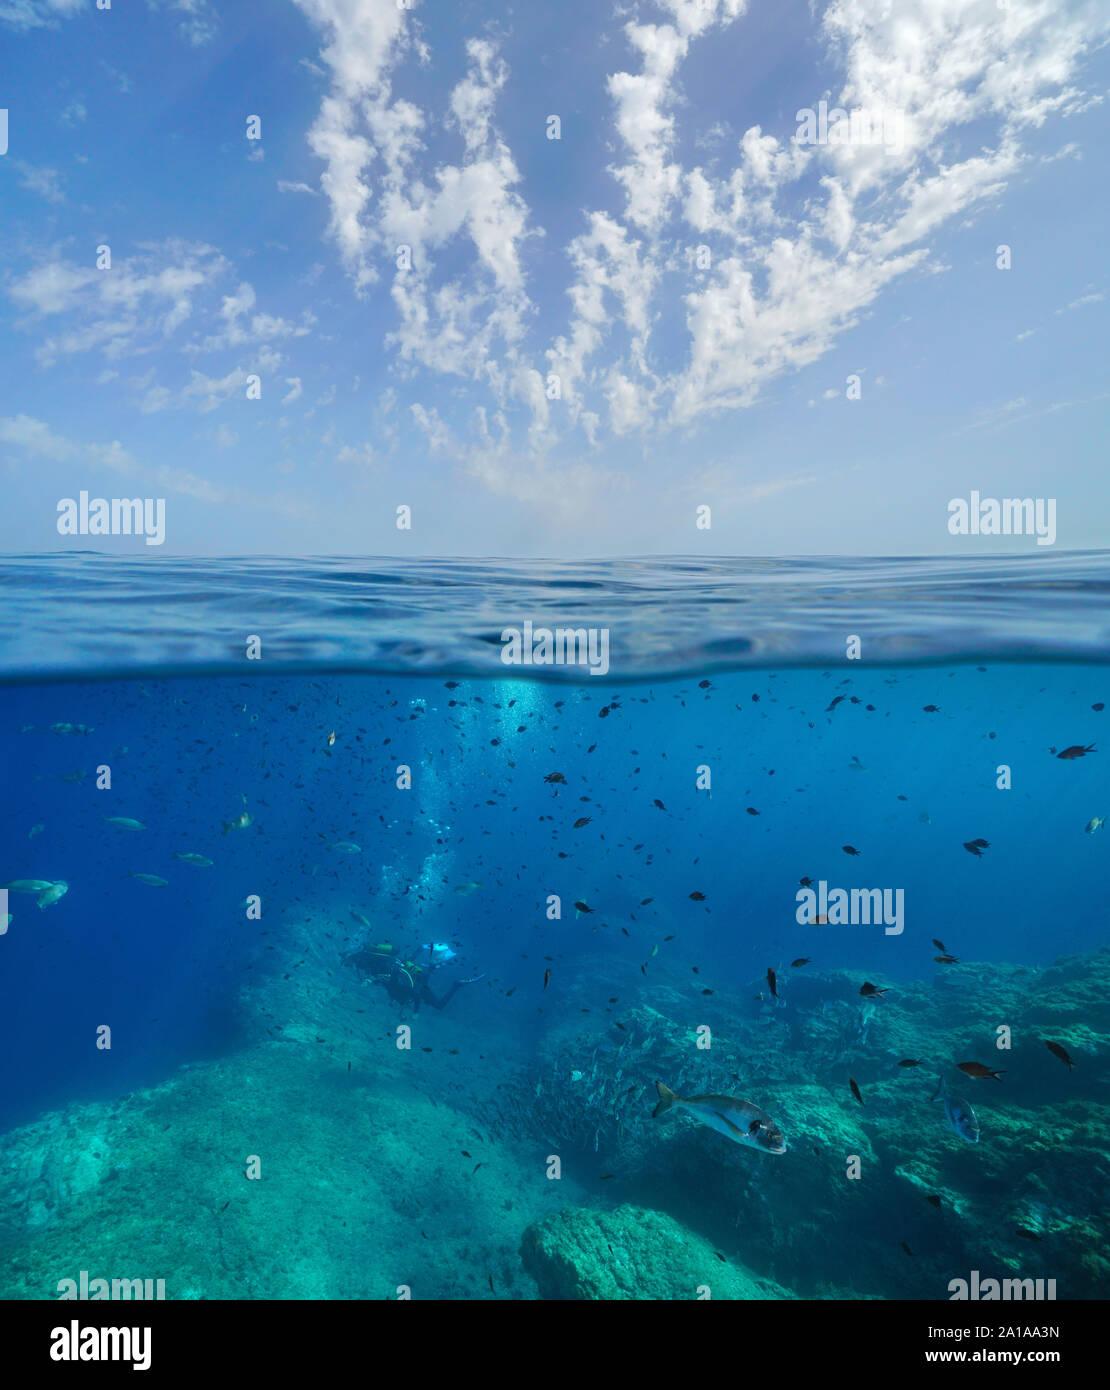 Paesaggio marino del Mar Mediterraneo, molti pesci con subacquei sott'acqua e cielo blu con nuvole, vista suddivisa al di sopra e al di sotto della superficie dell'acqua, Francia Foto Stock